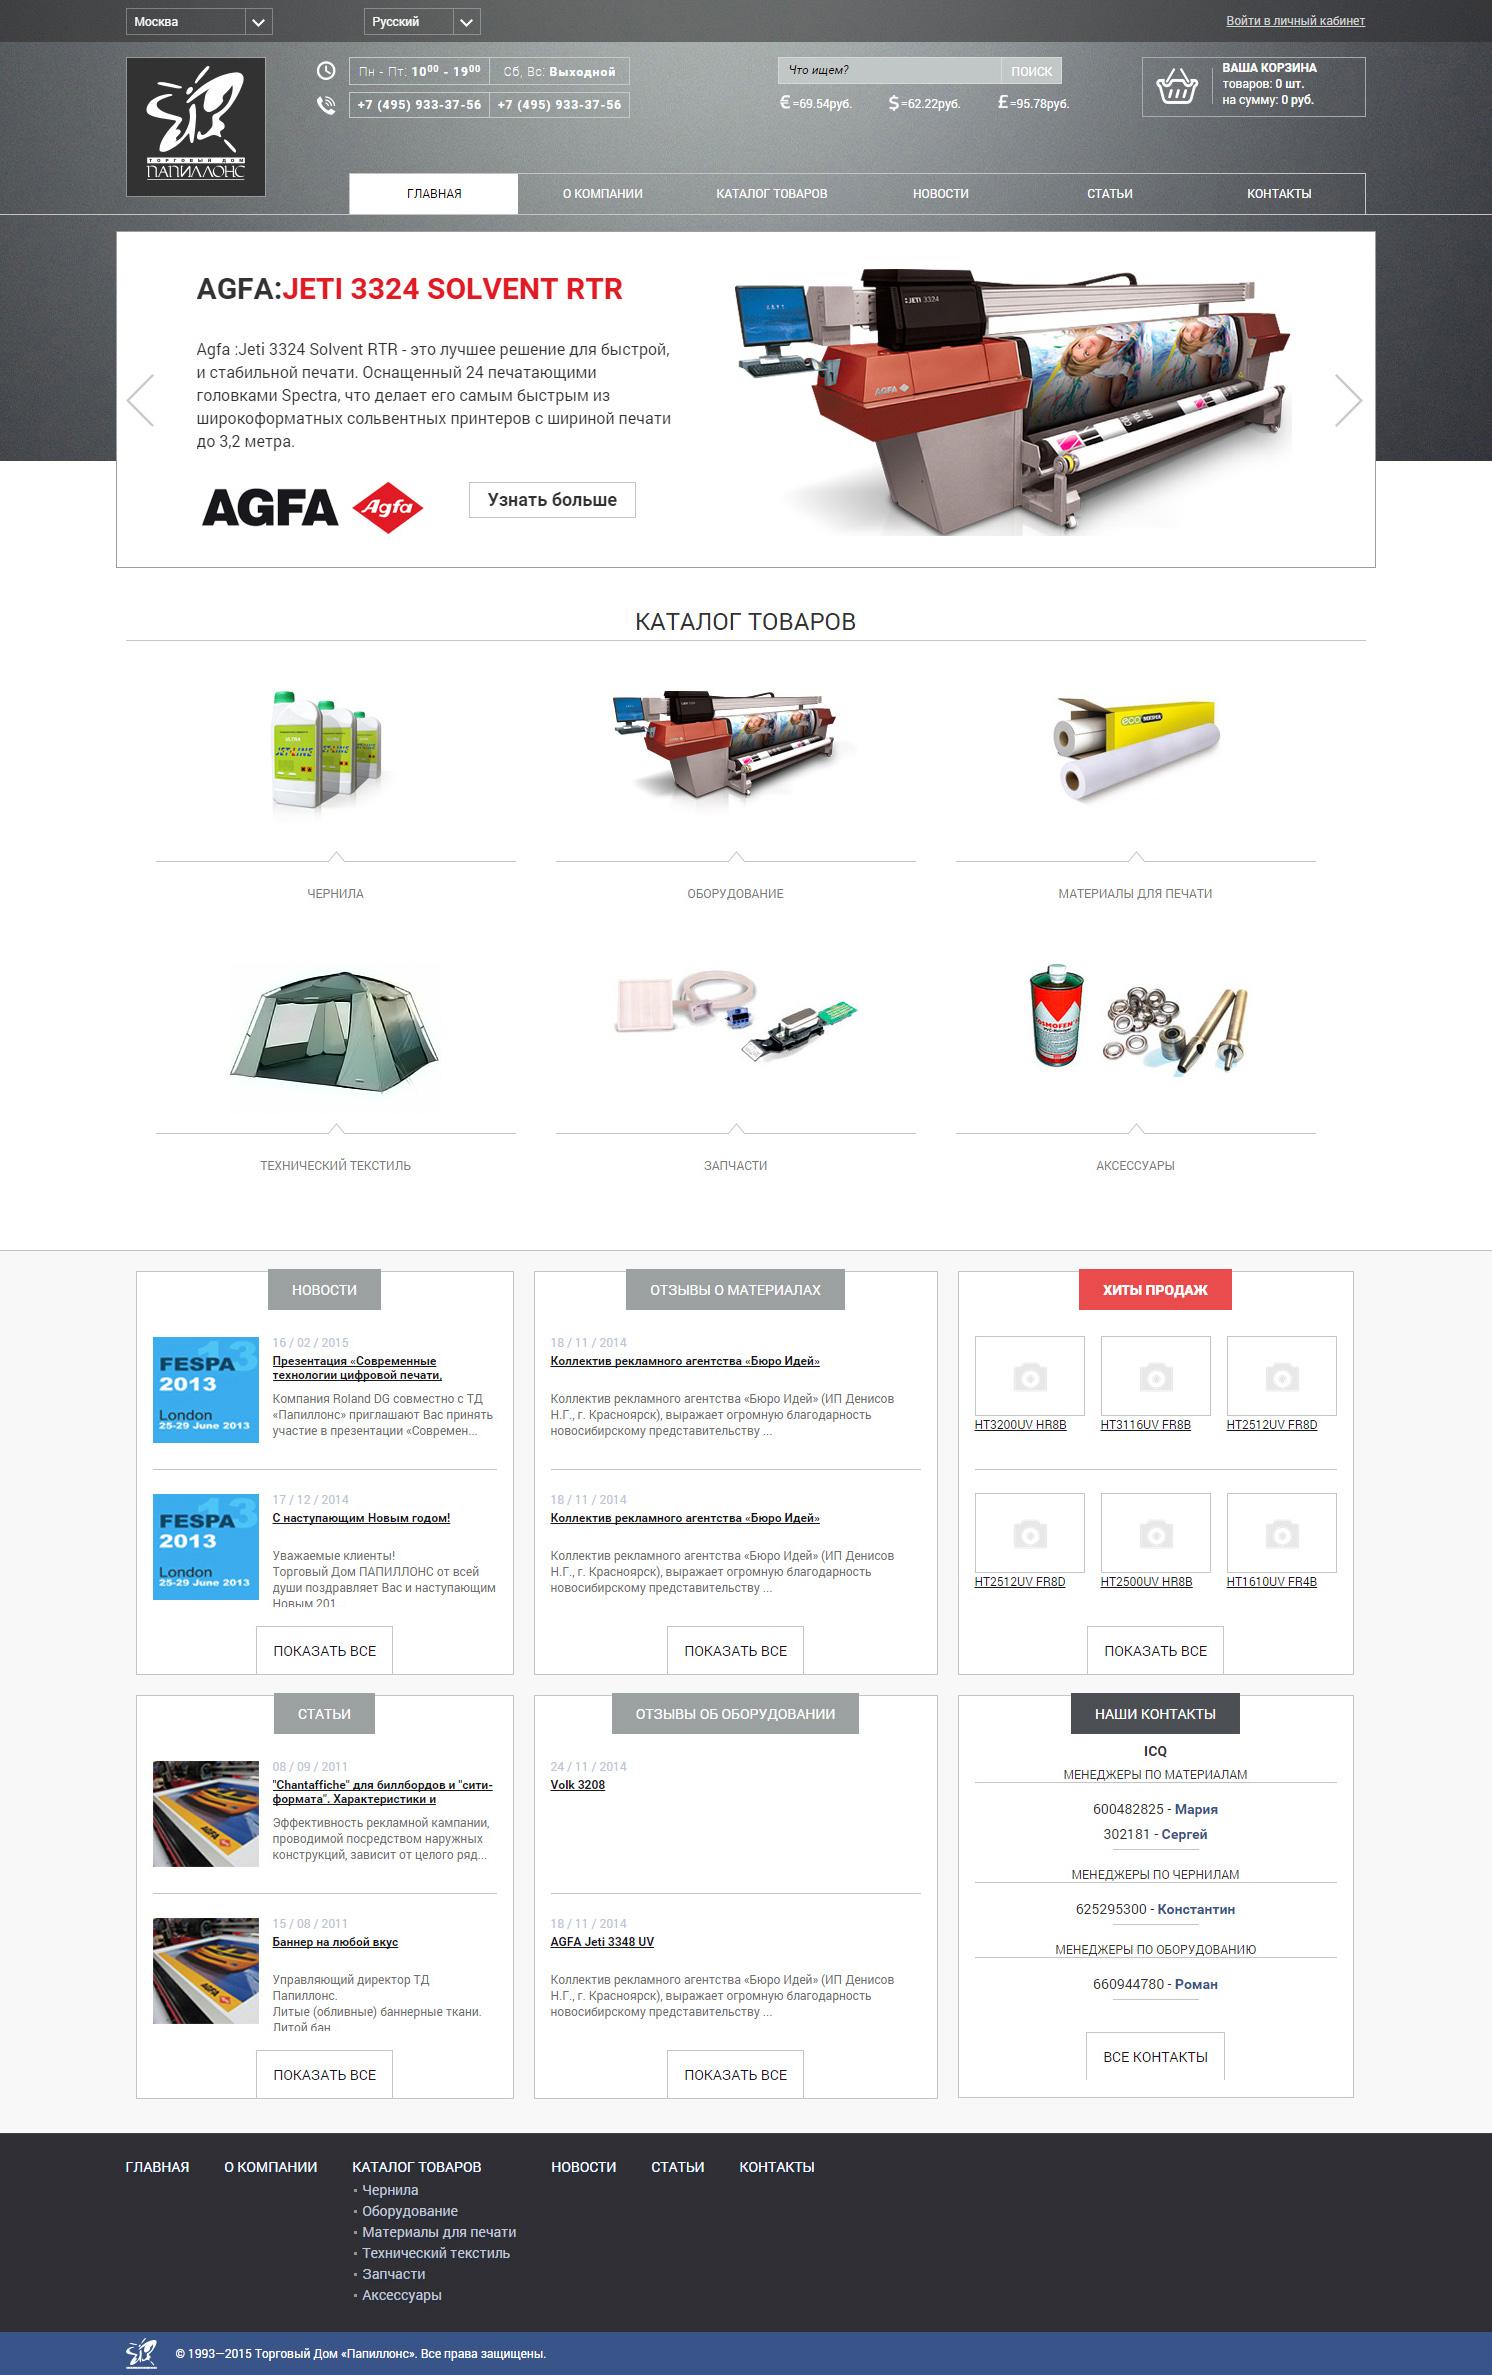 Папиллонс - Интернет магазин материалов для рекламных конструкций.